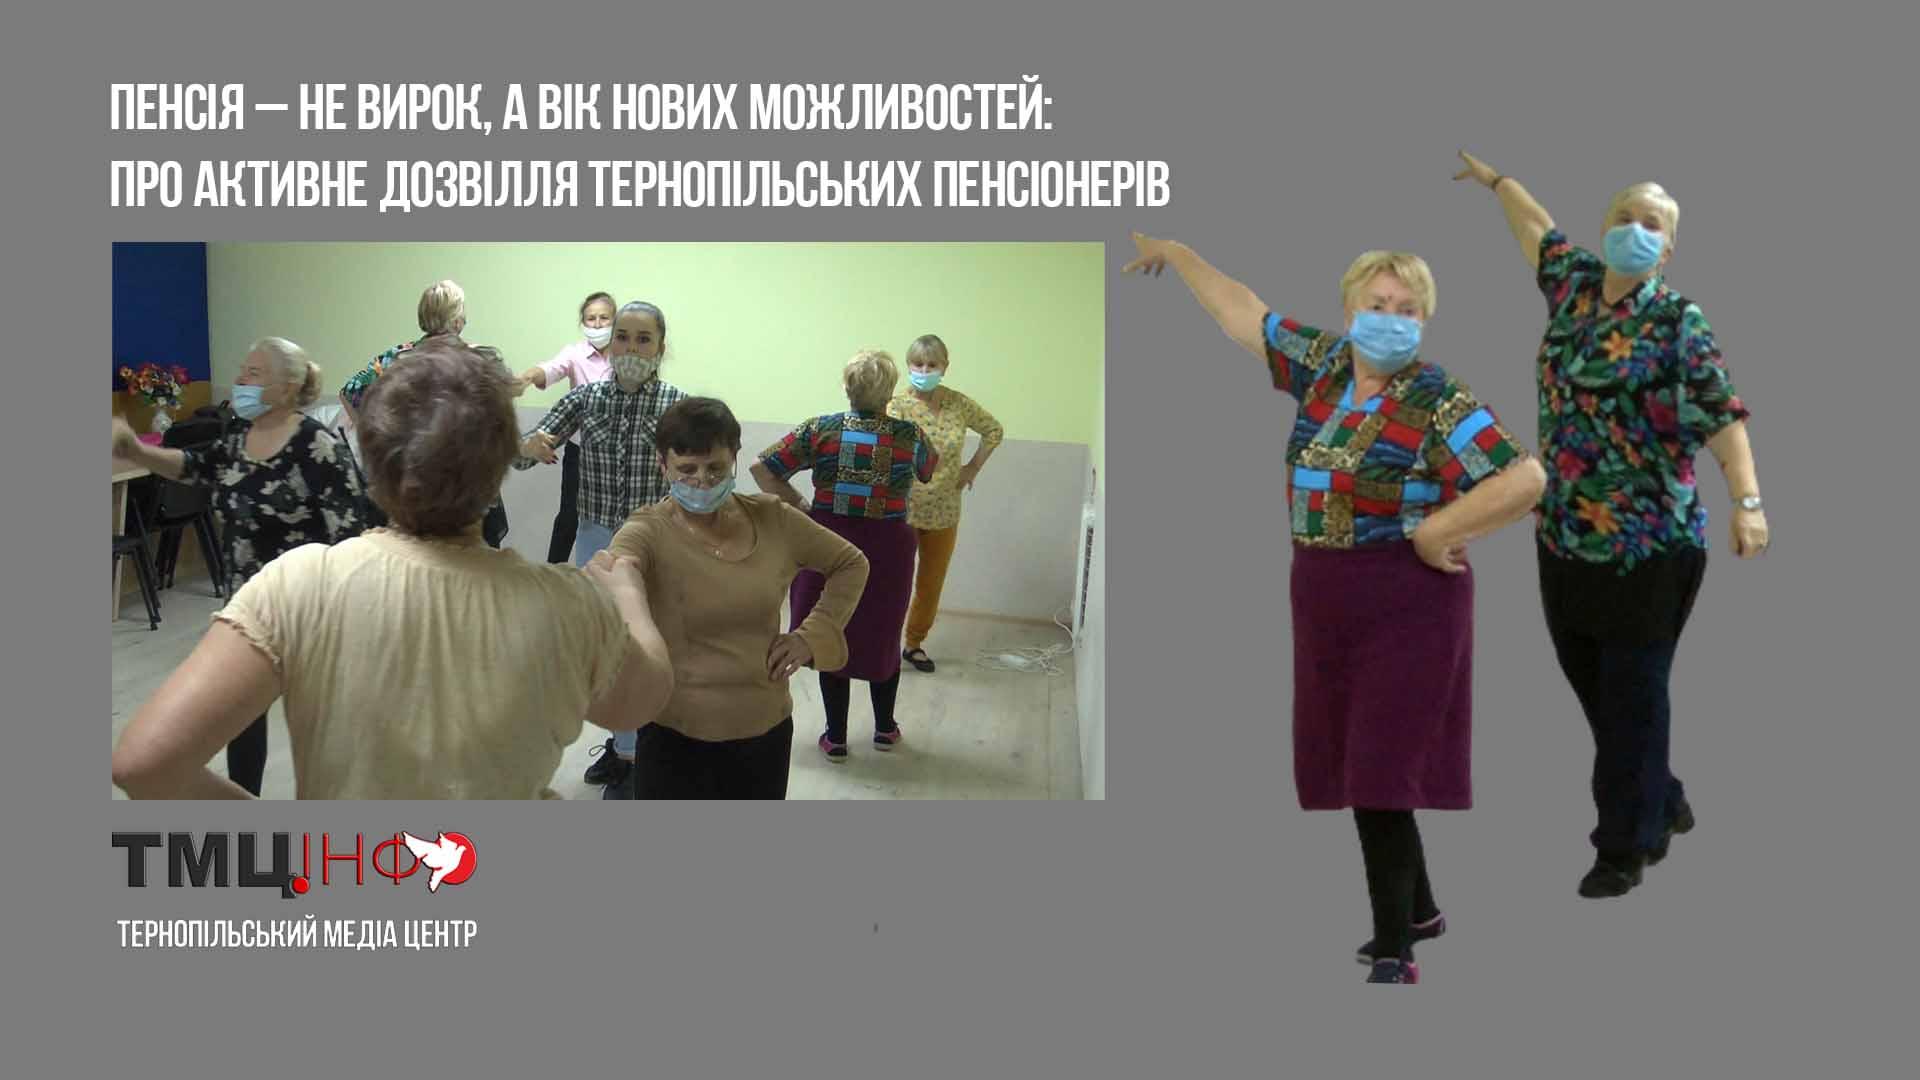 Пенсія – не вирок, а вік нових можливостей: про активне дозвілля тернопільських пенсіонерів